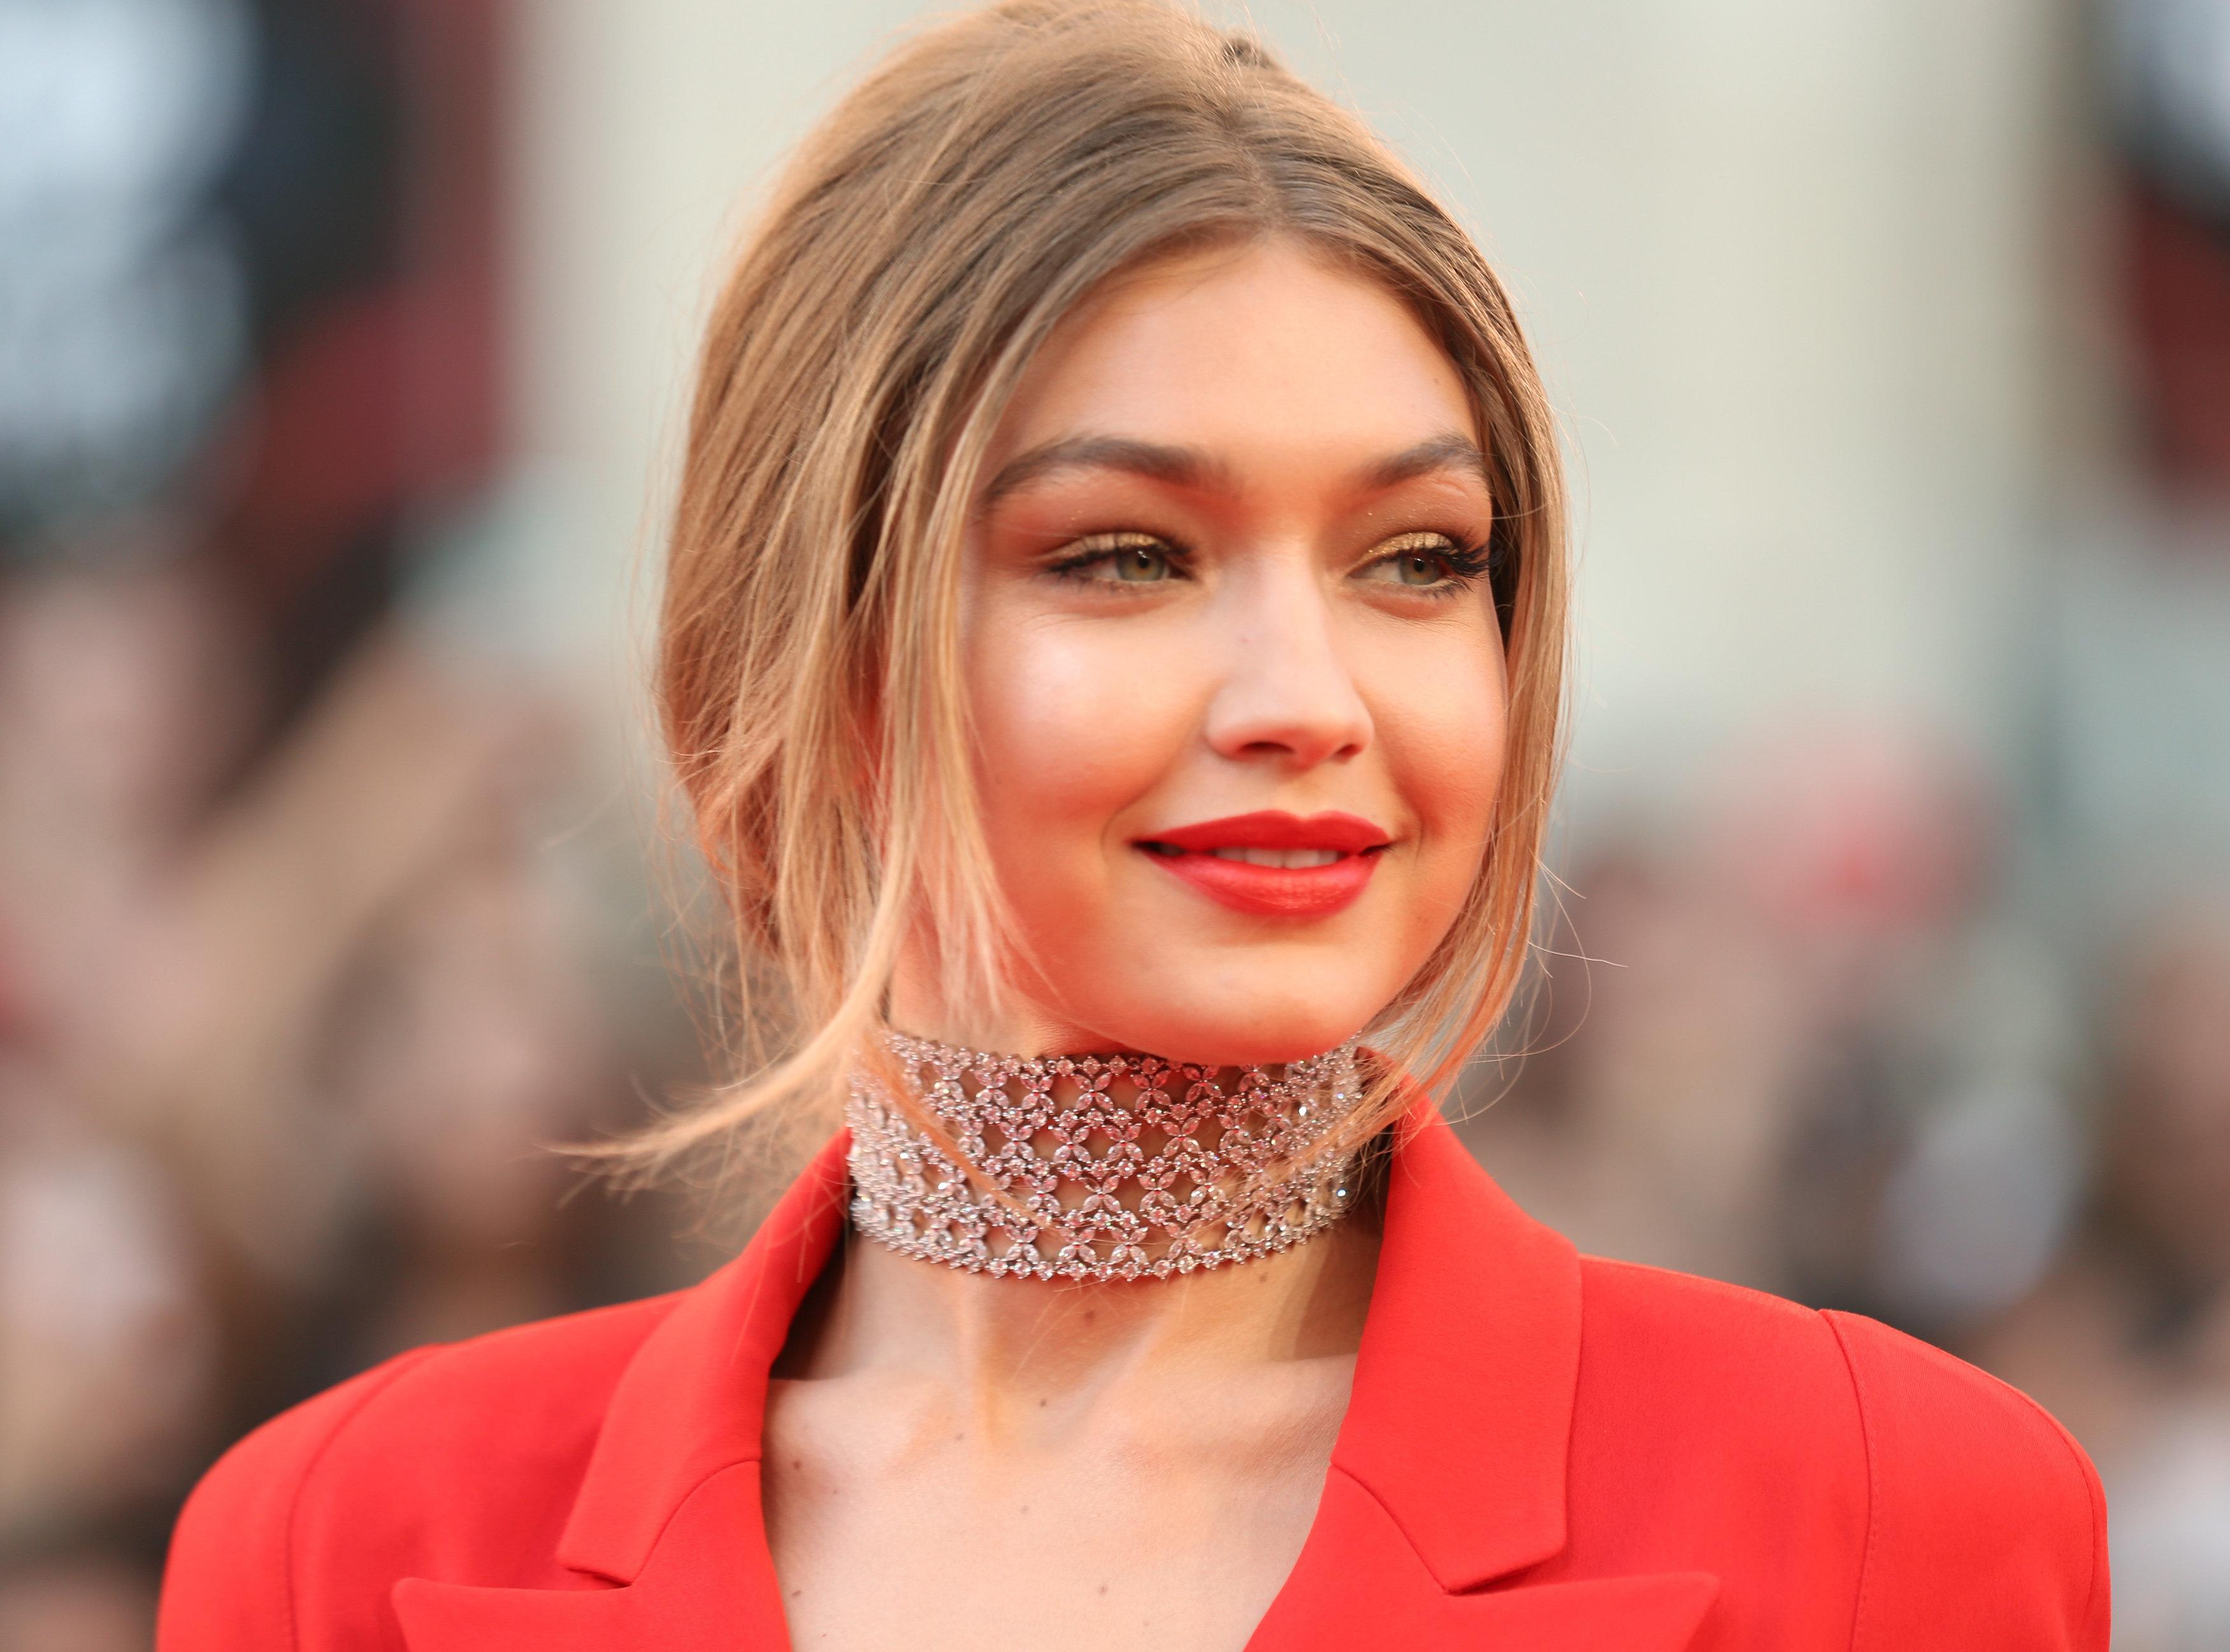 Η συγνώμη της Gigi Hadid για το «μαύρο» εξώφυλλο της Vogue Italia που προκάλεσε